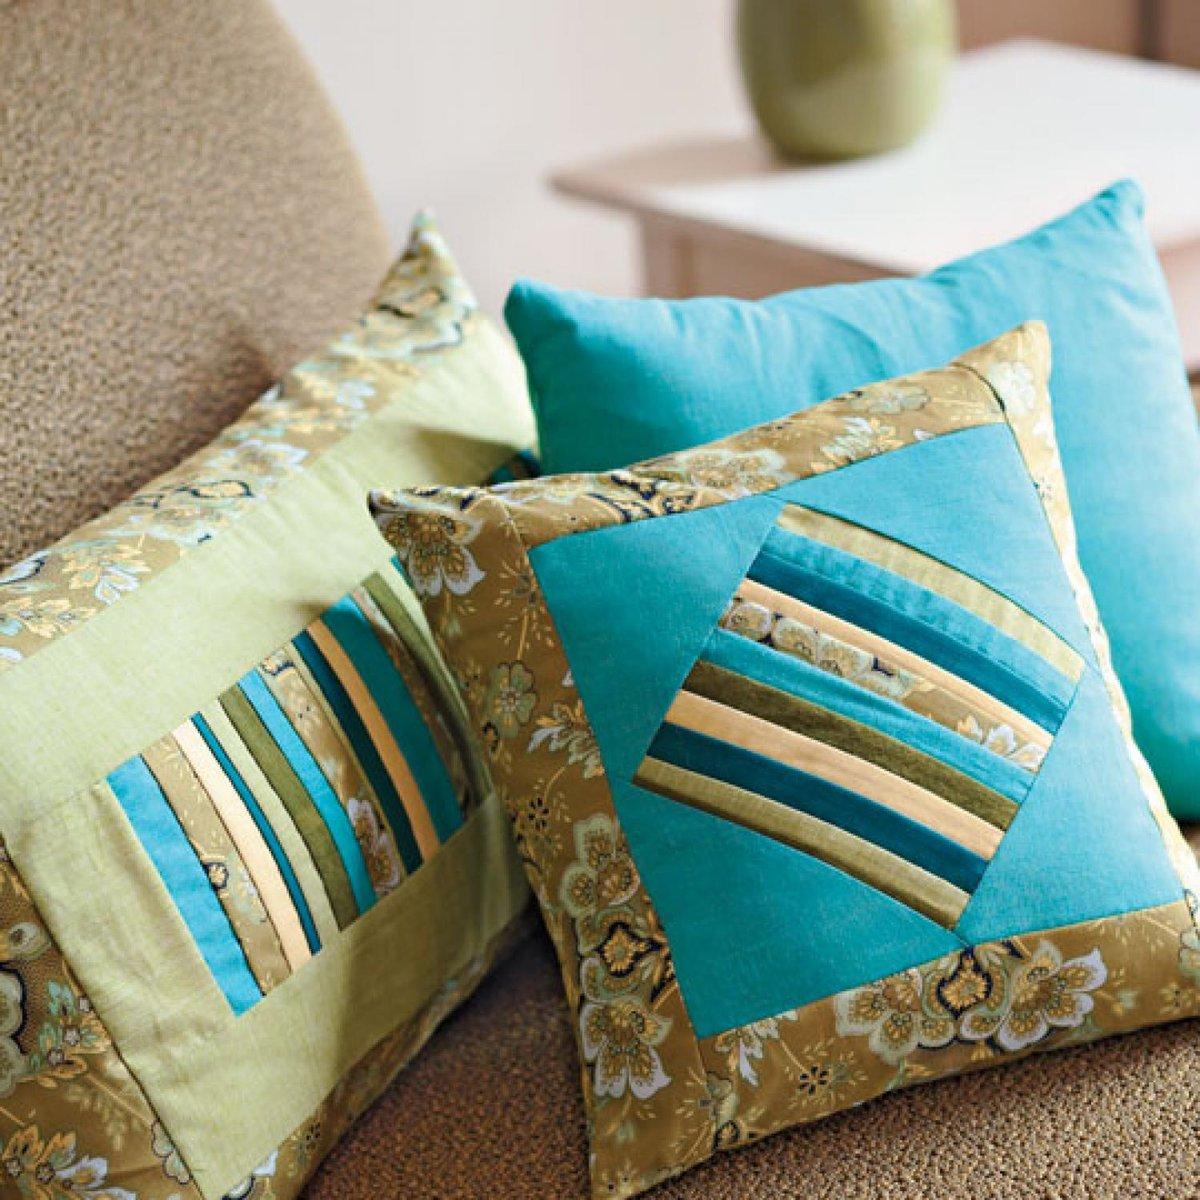 Сшить чехлы на подушки от дивана своими руками8